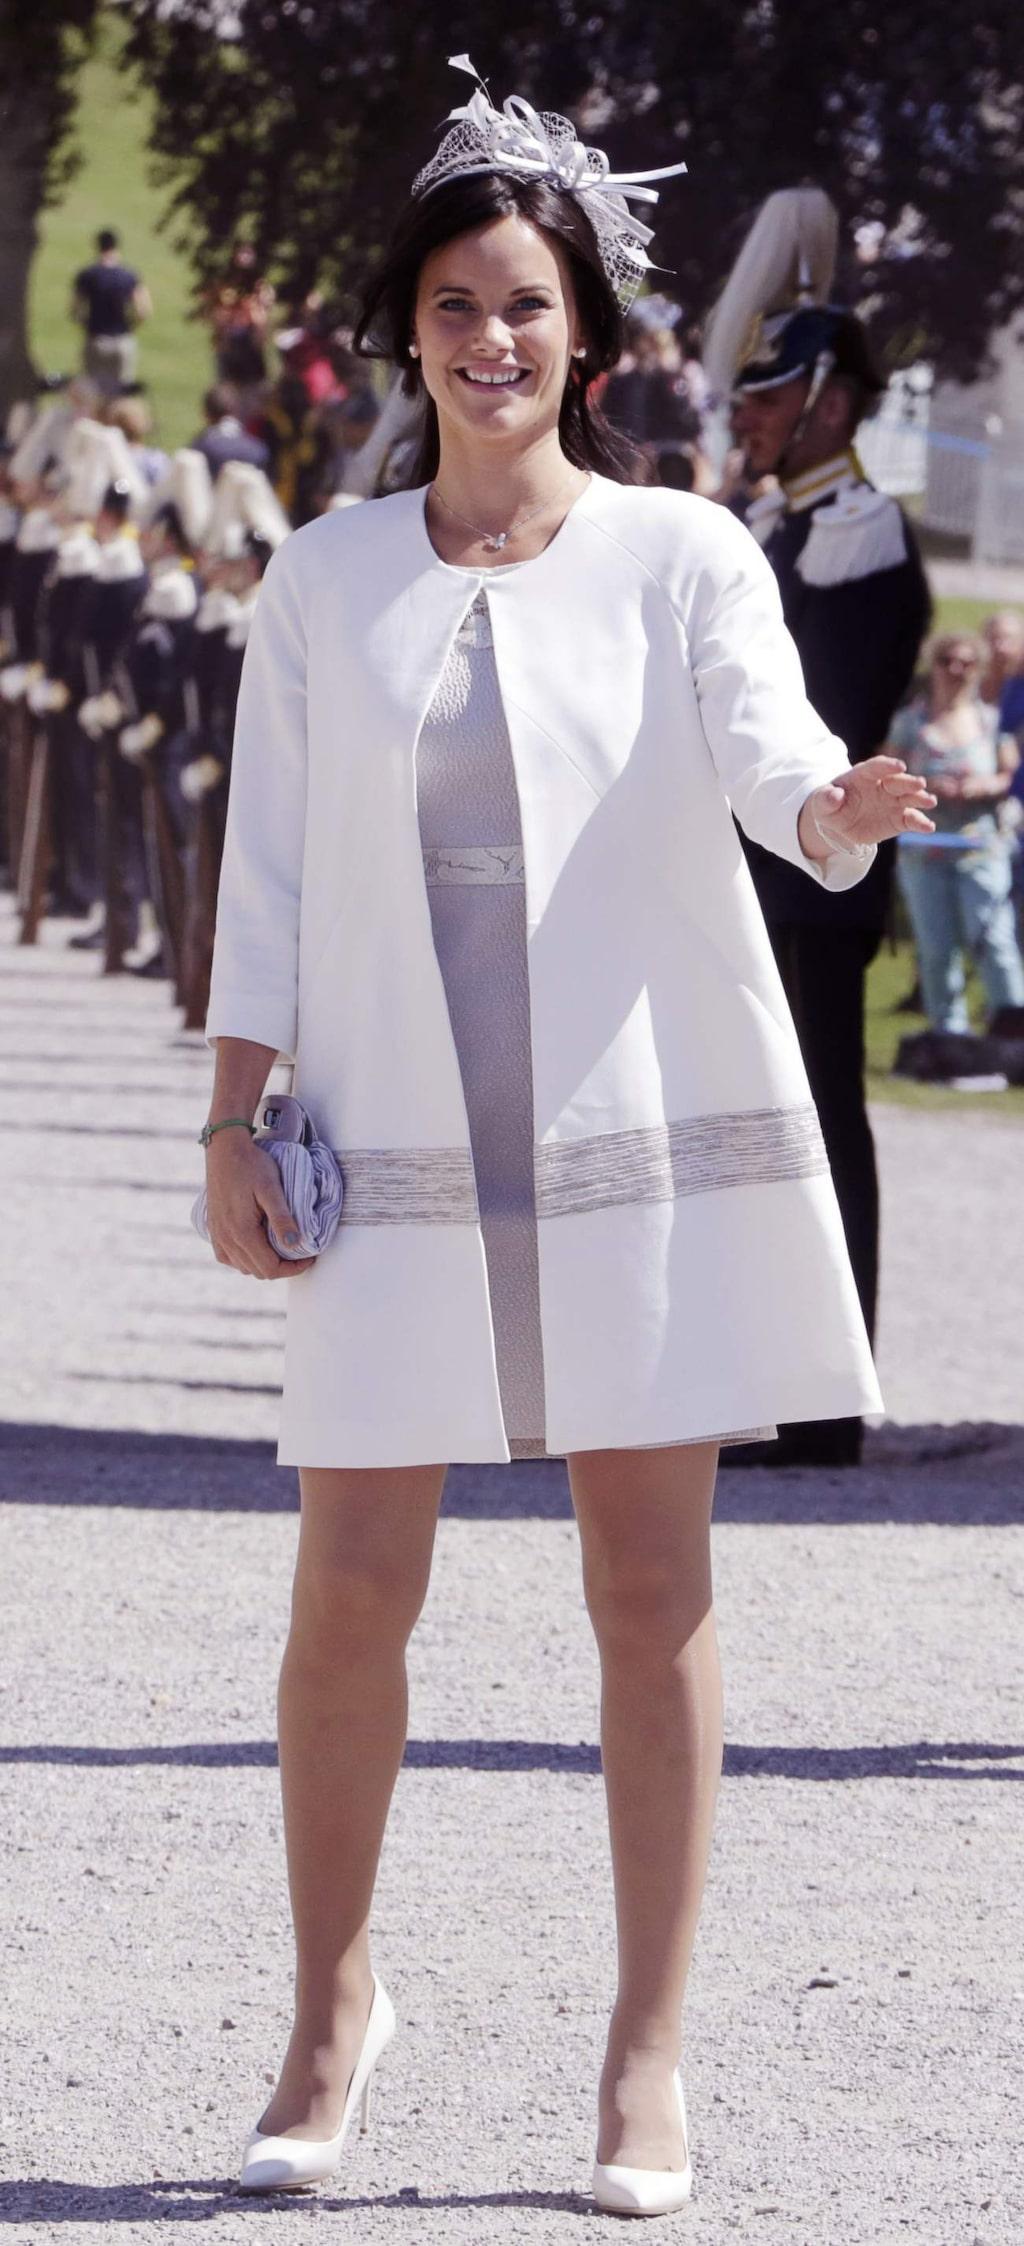 """<a _mce_href=""""http://www.expressen.se/mode/prinsessan-sofia/"""" href=""""http://www.expressen.se/mode/prinsessan-sofia/"""">Prinsessan Sofia</a> dopfin i vitt och grått på prinsessan Leonores dop."""